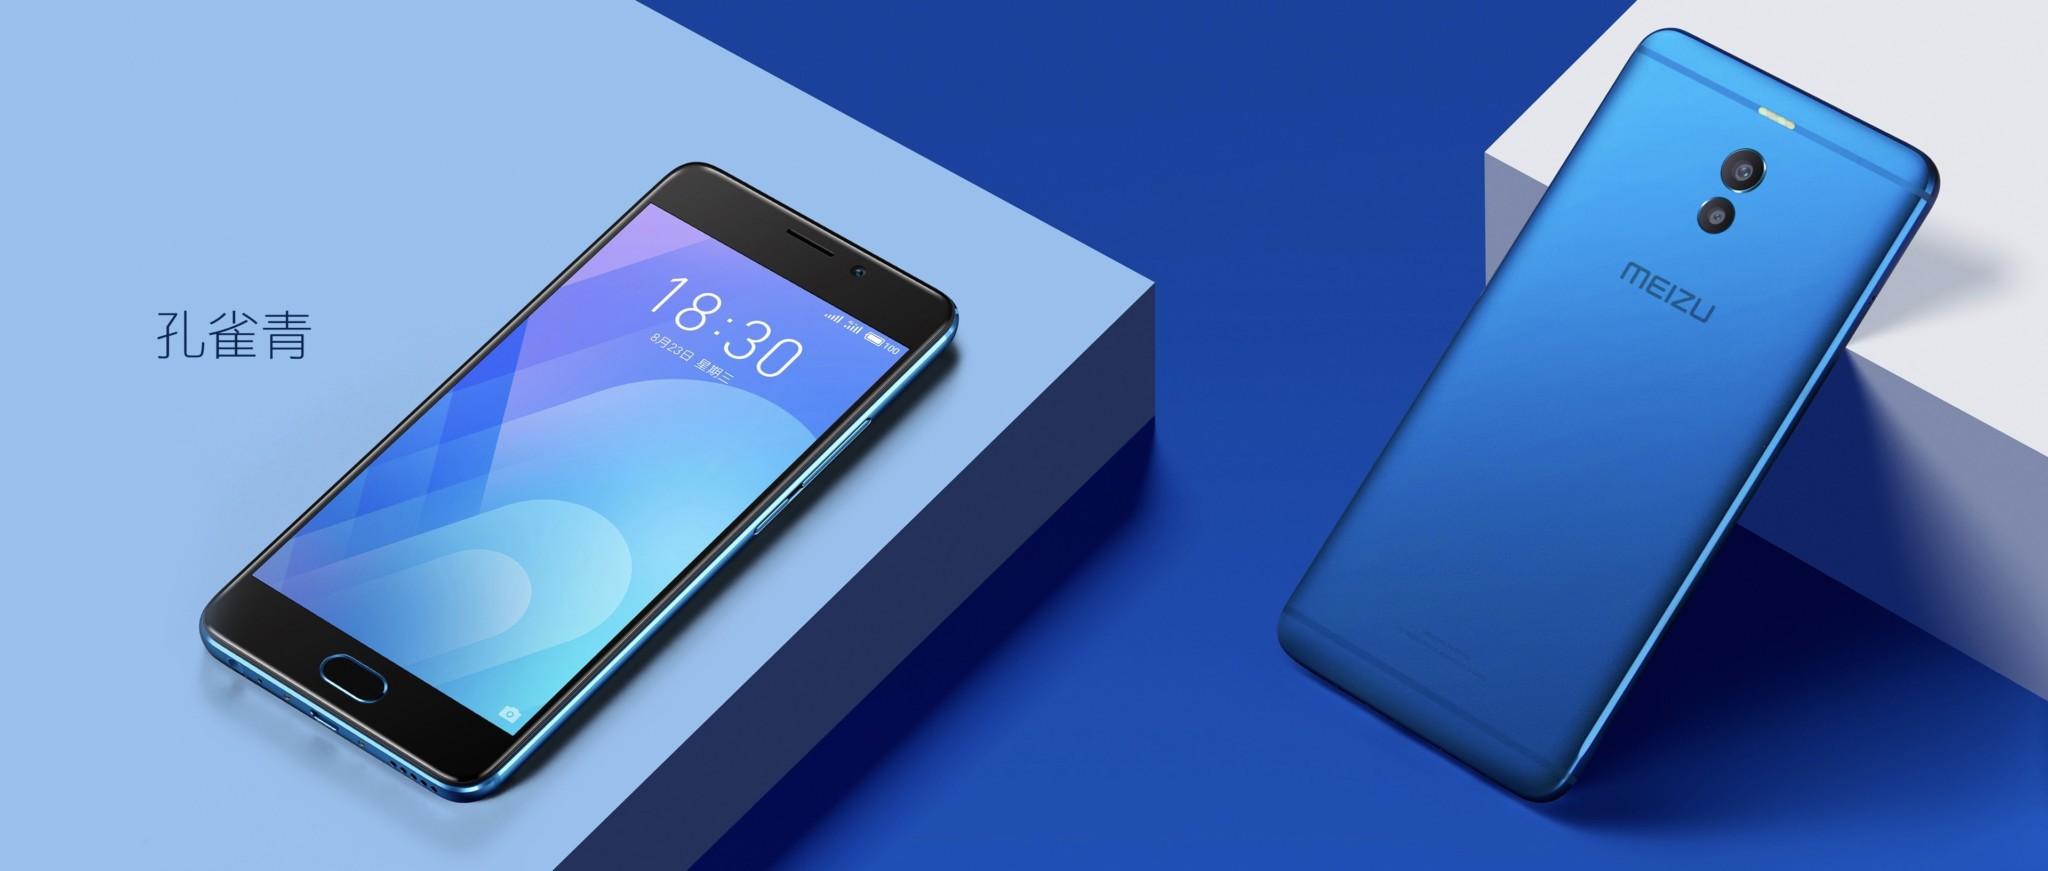 Meizu M6 Note: характеристики, цена и дата выхода